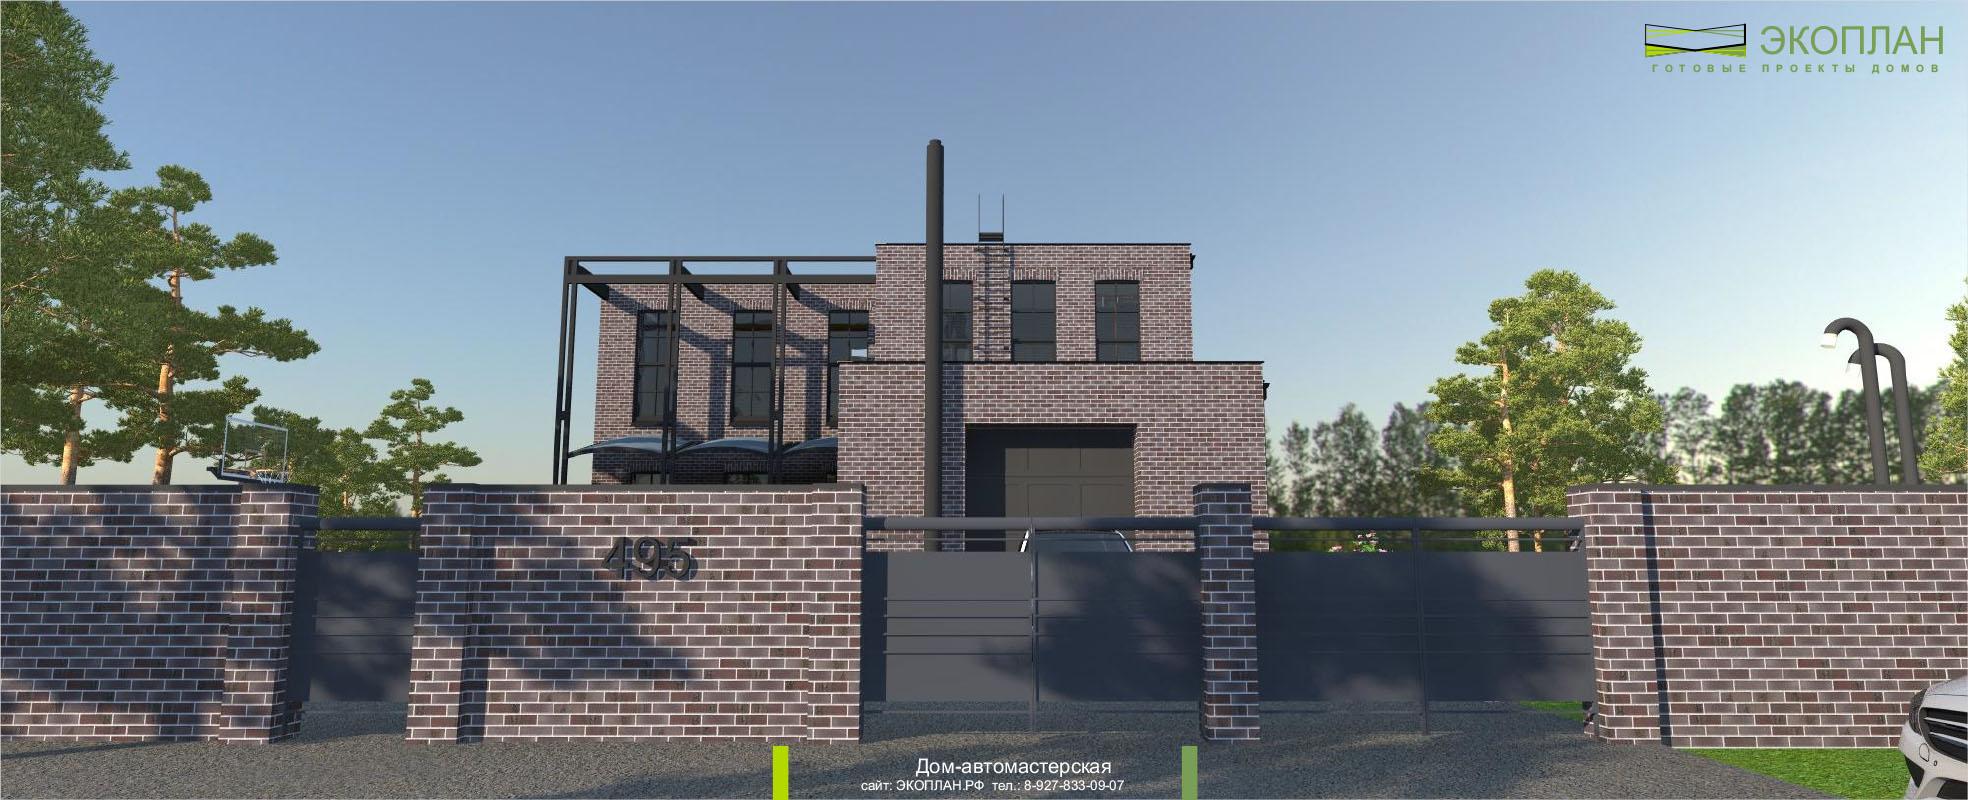 Дом-автомастерская в стиле лофт фасад